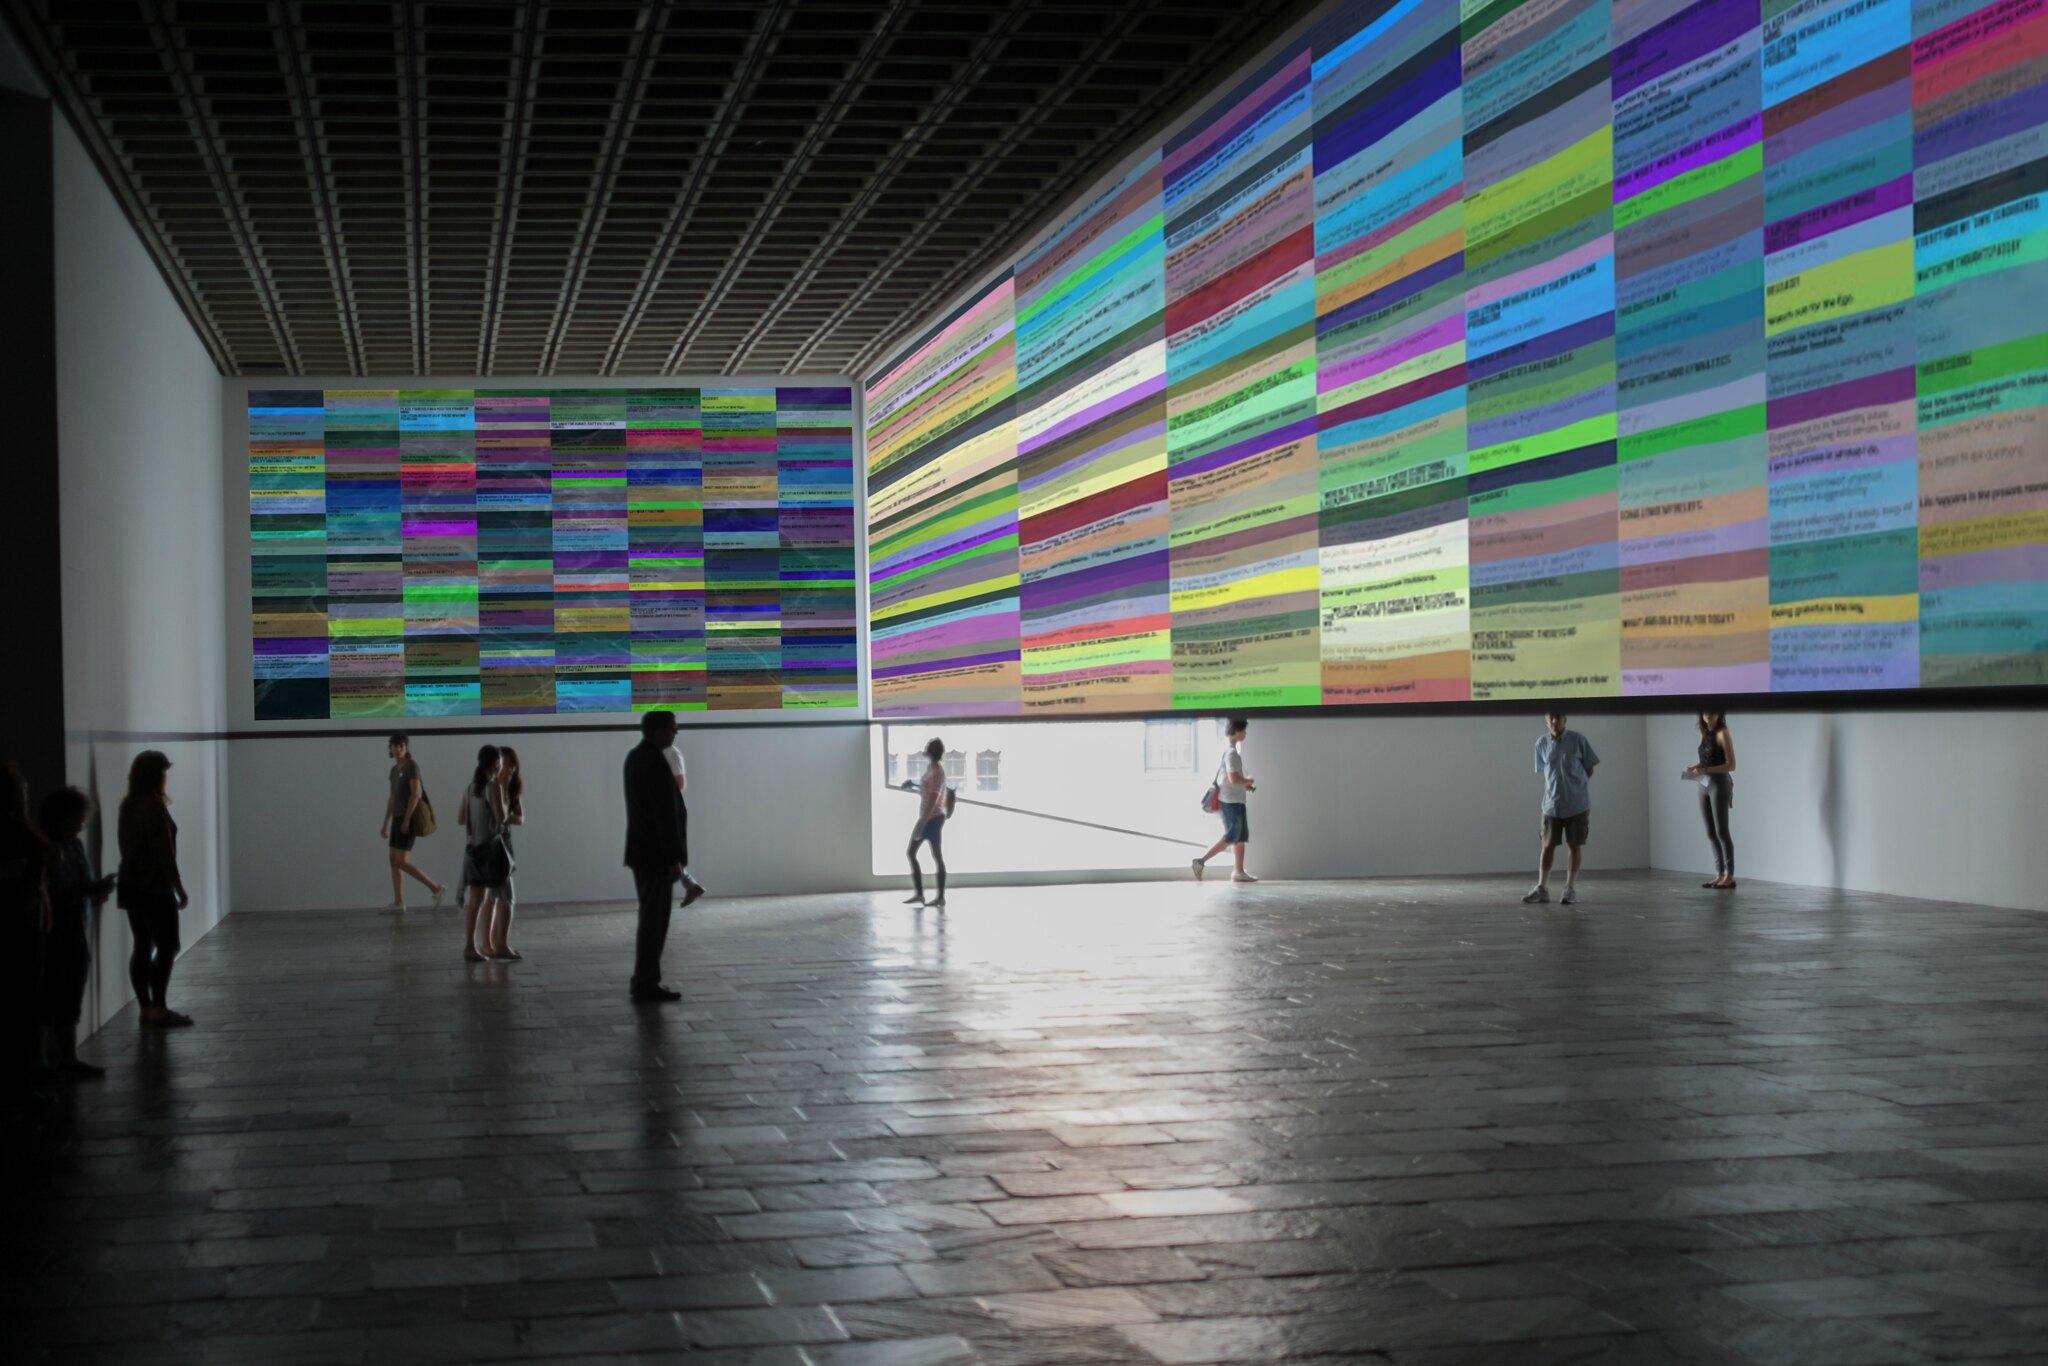 Exhibition_2015_Akira_Zeitgeist_IamCalm_dot_com_3_60